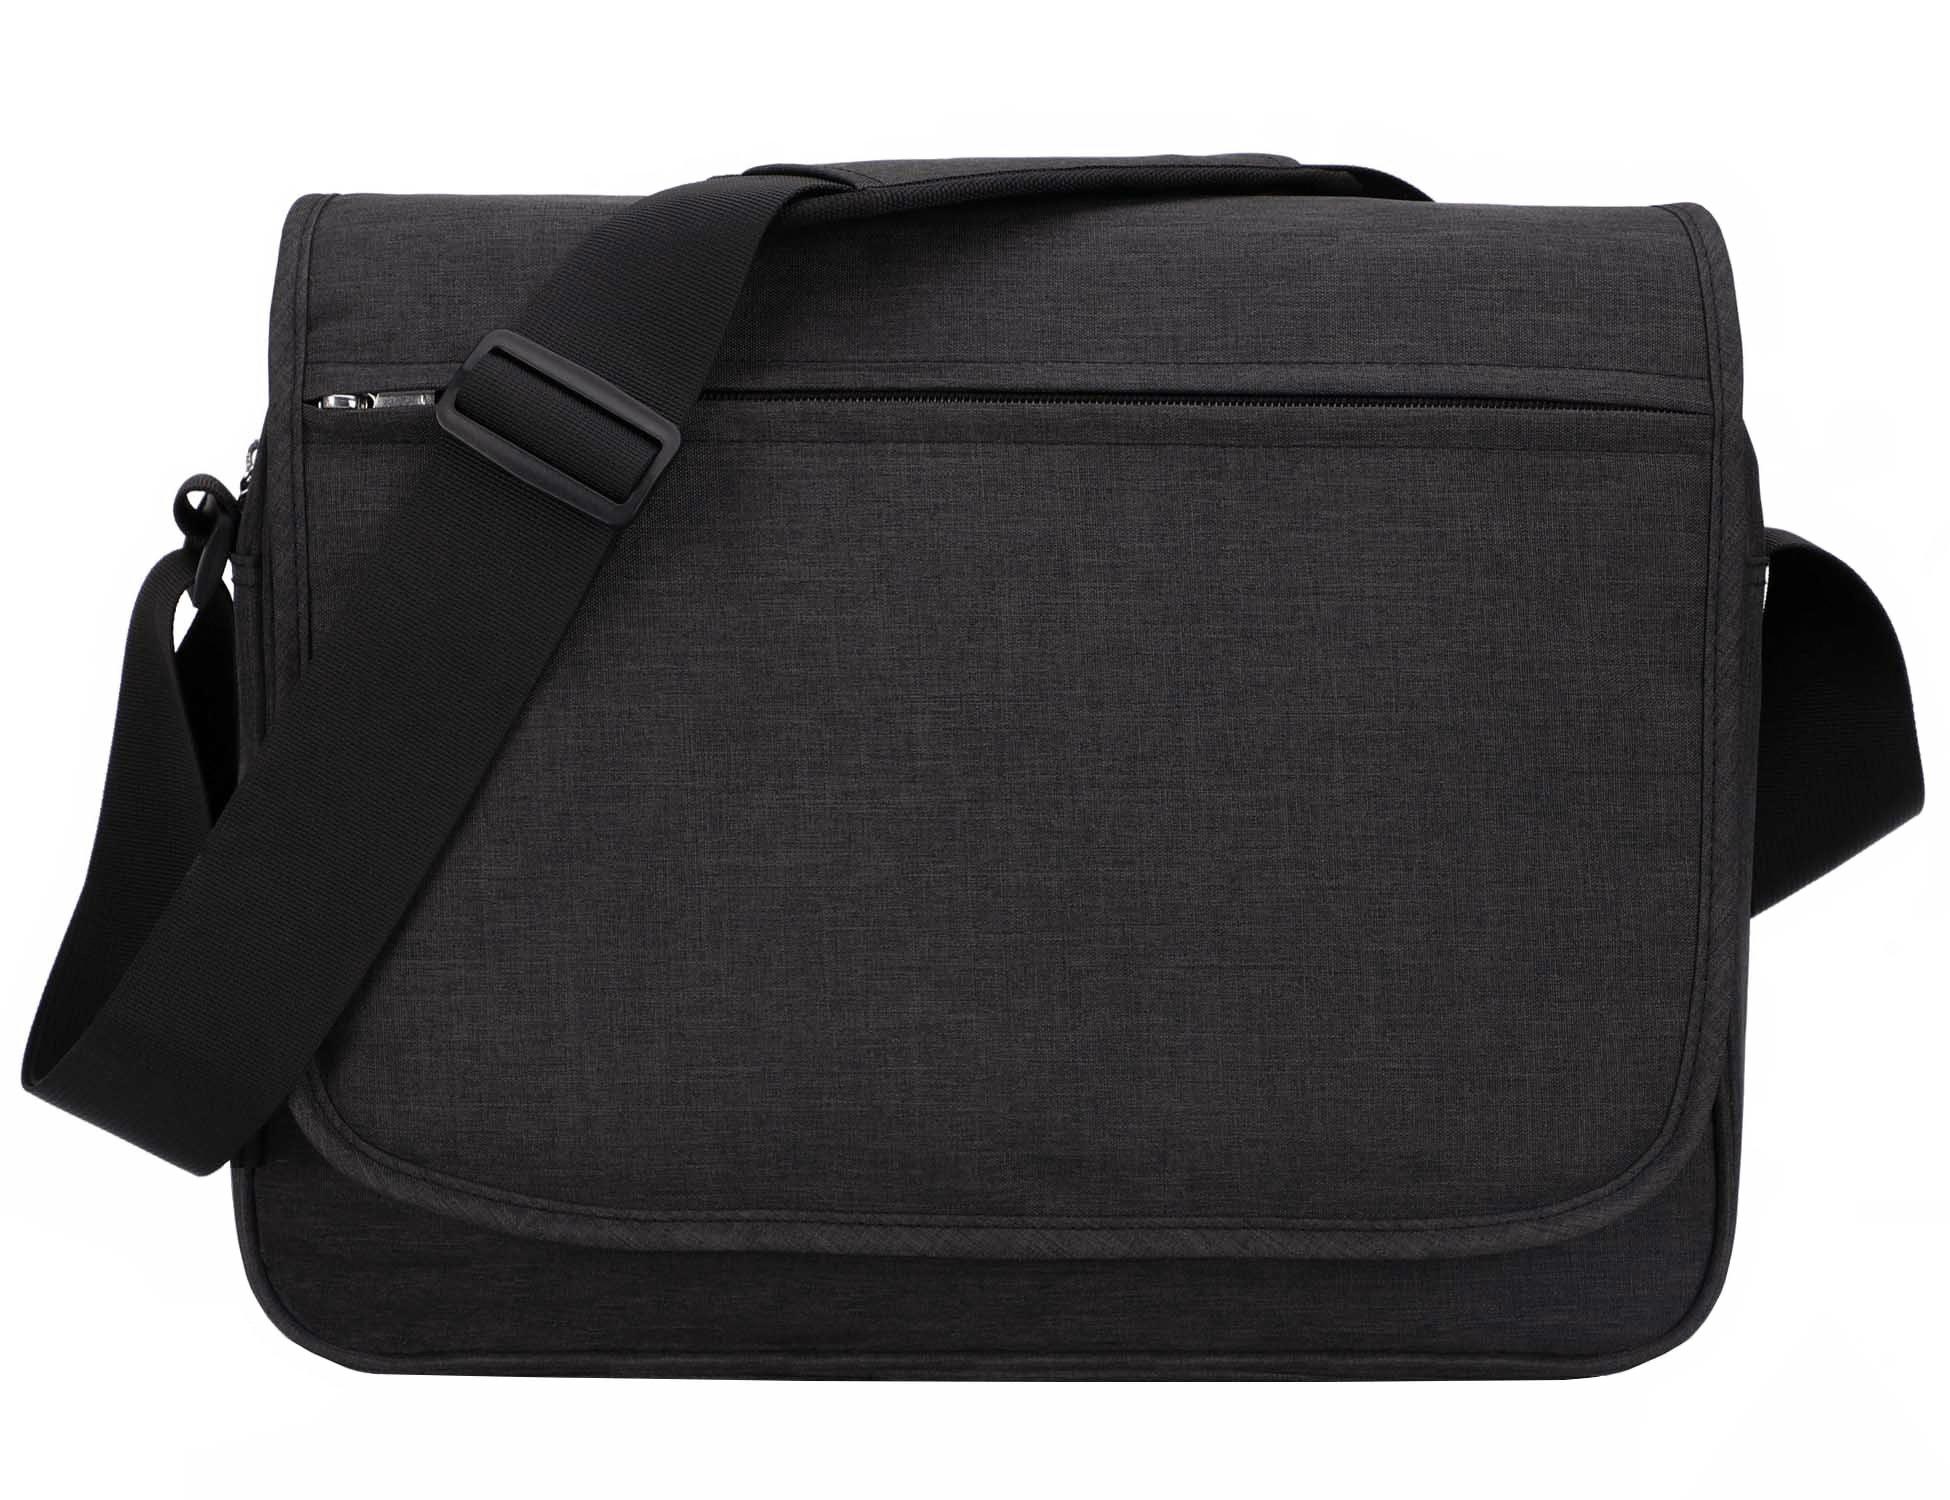 MIER Unisex Laptop Messenger Bag For 15.6'' Computer Shoulder Crossbody Bag for Work and School, Multiple Pocket, Update Black